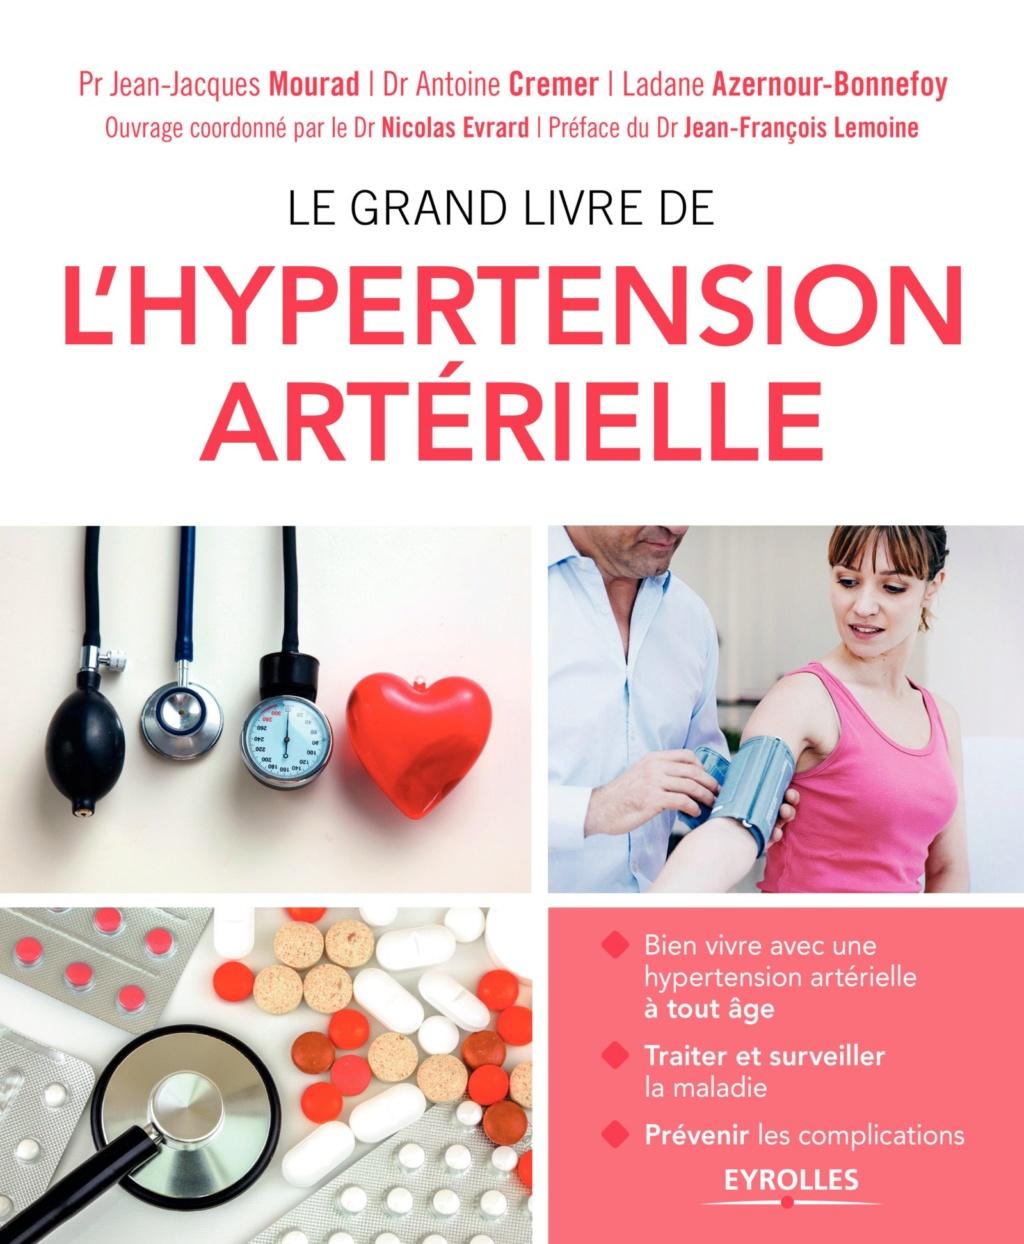 Livres Médicales - Le grand livre de l'hypertension artérielle Le_gra12